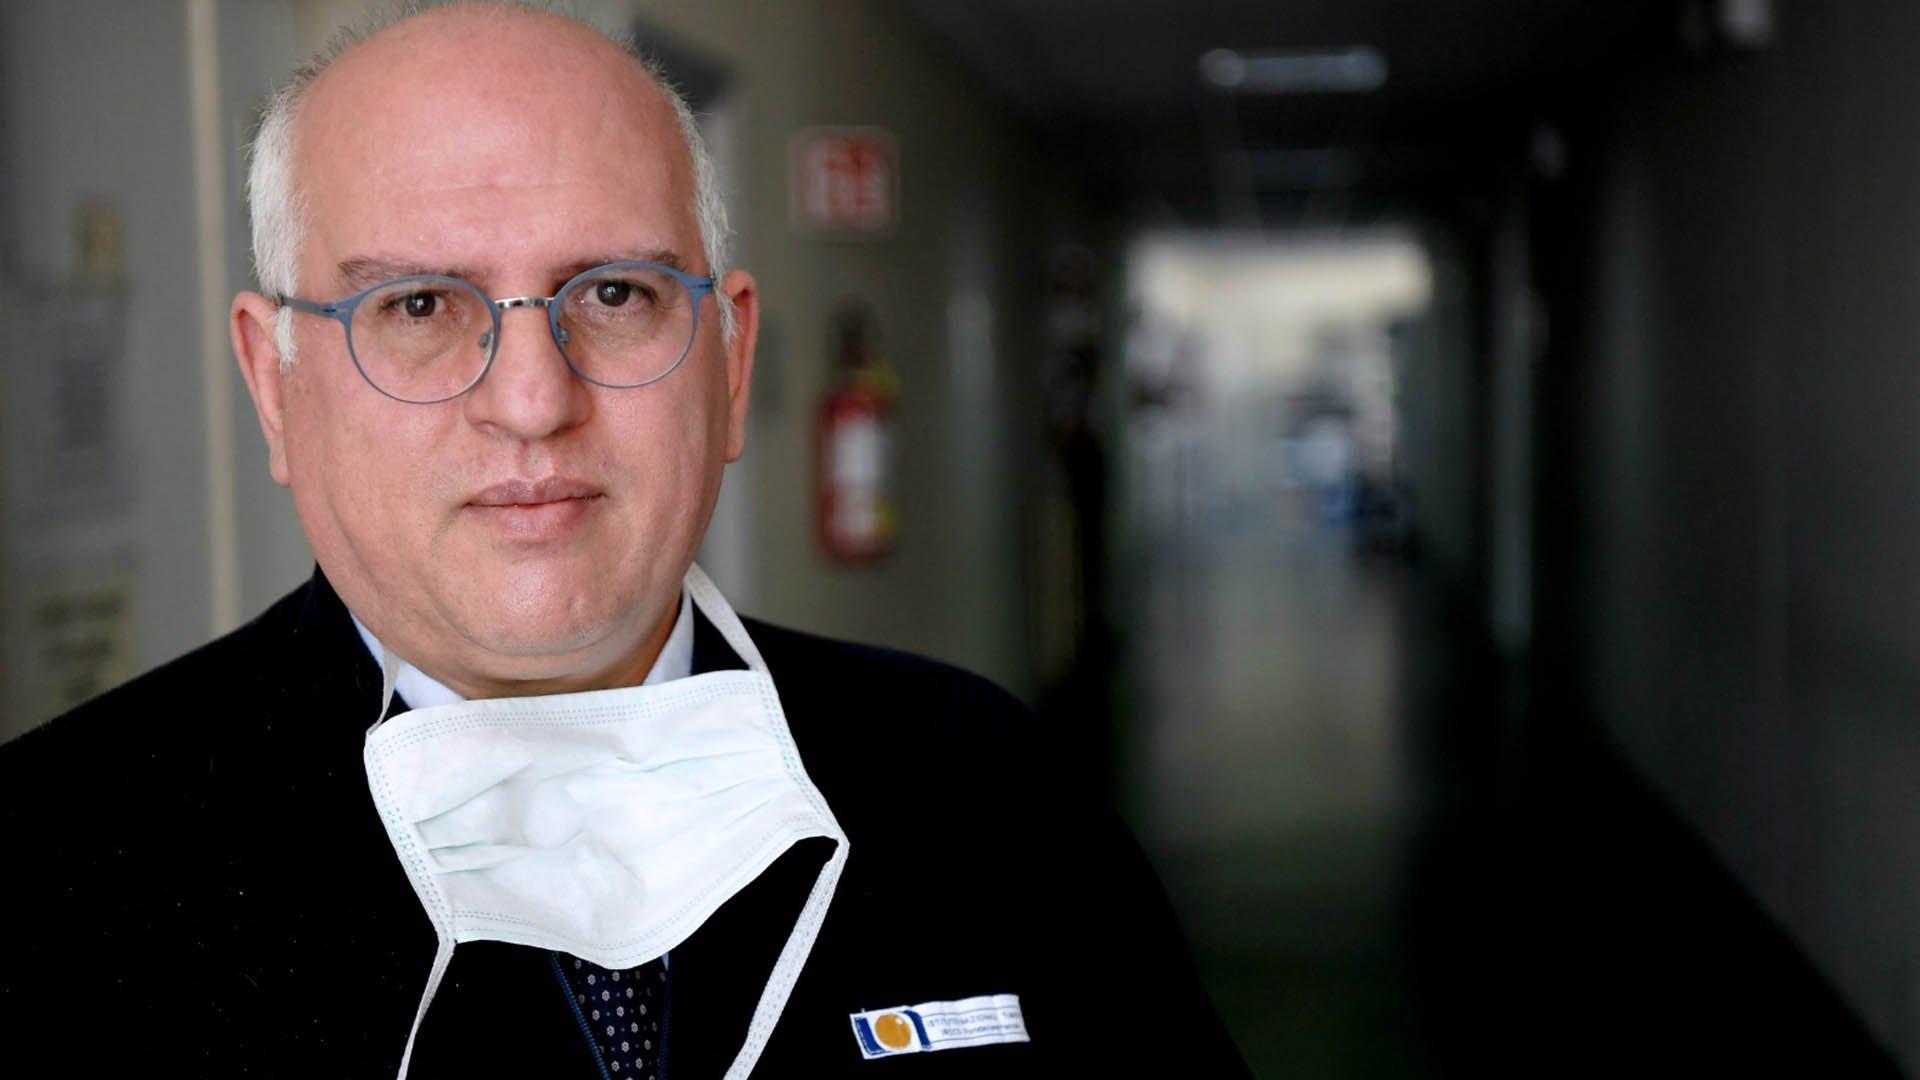 ascierto cura coronavirus pascale napoli